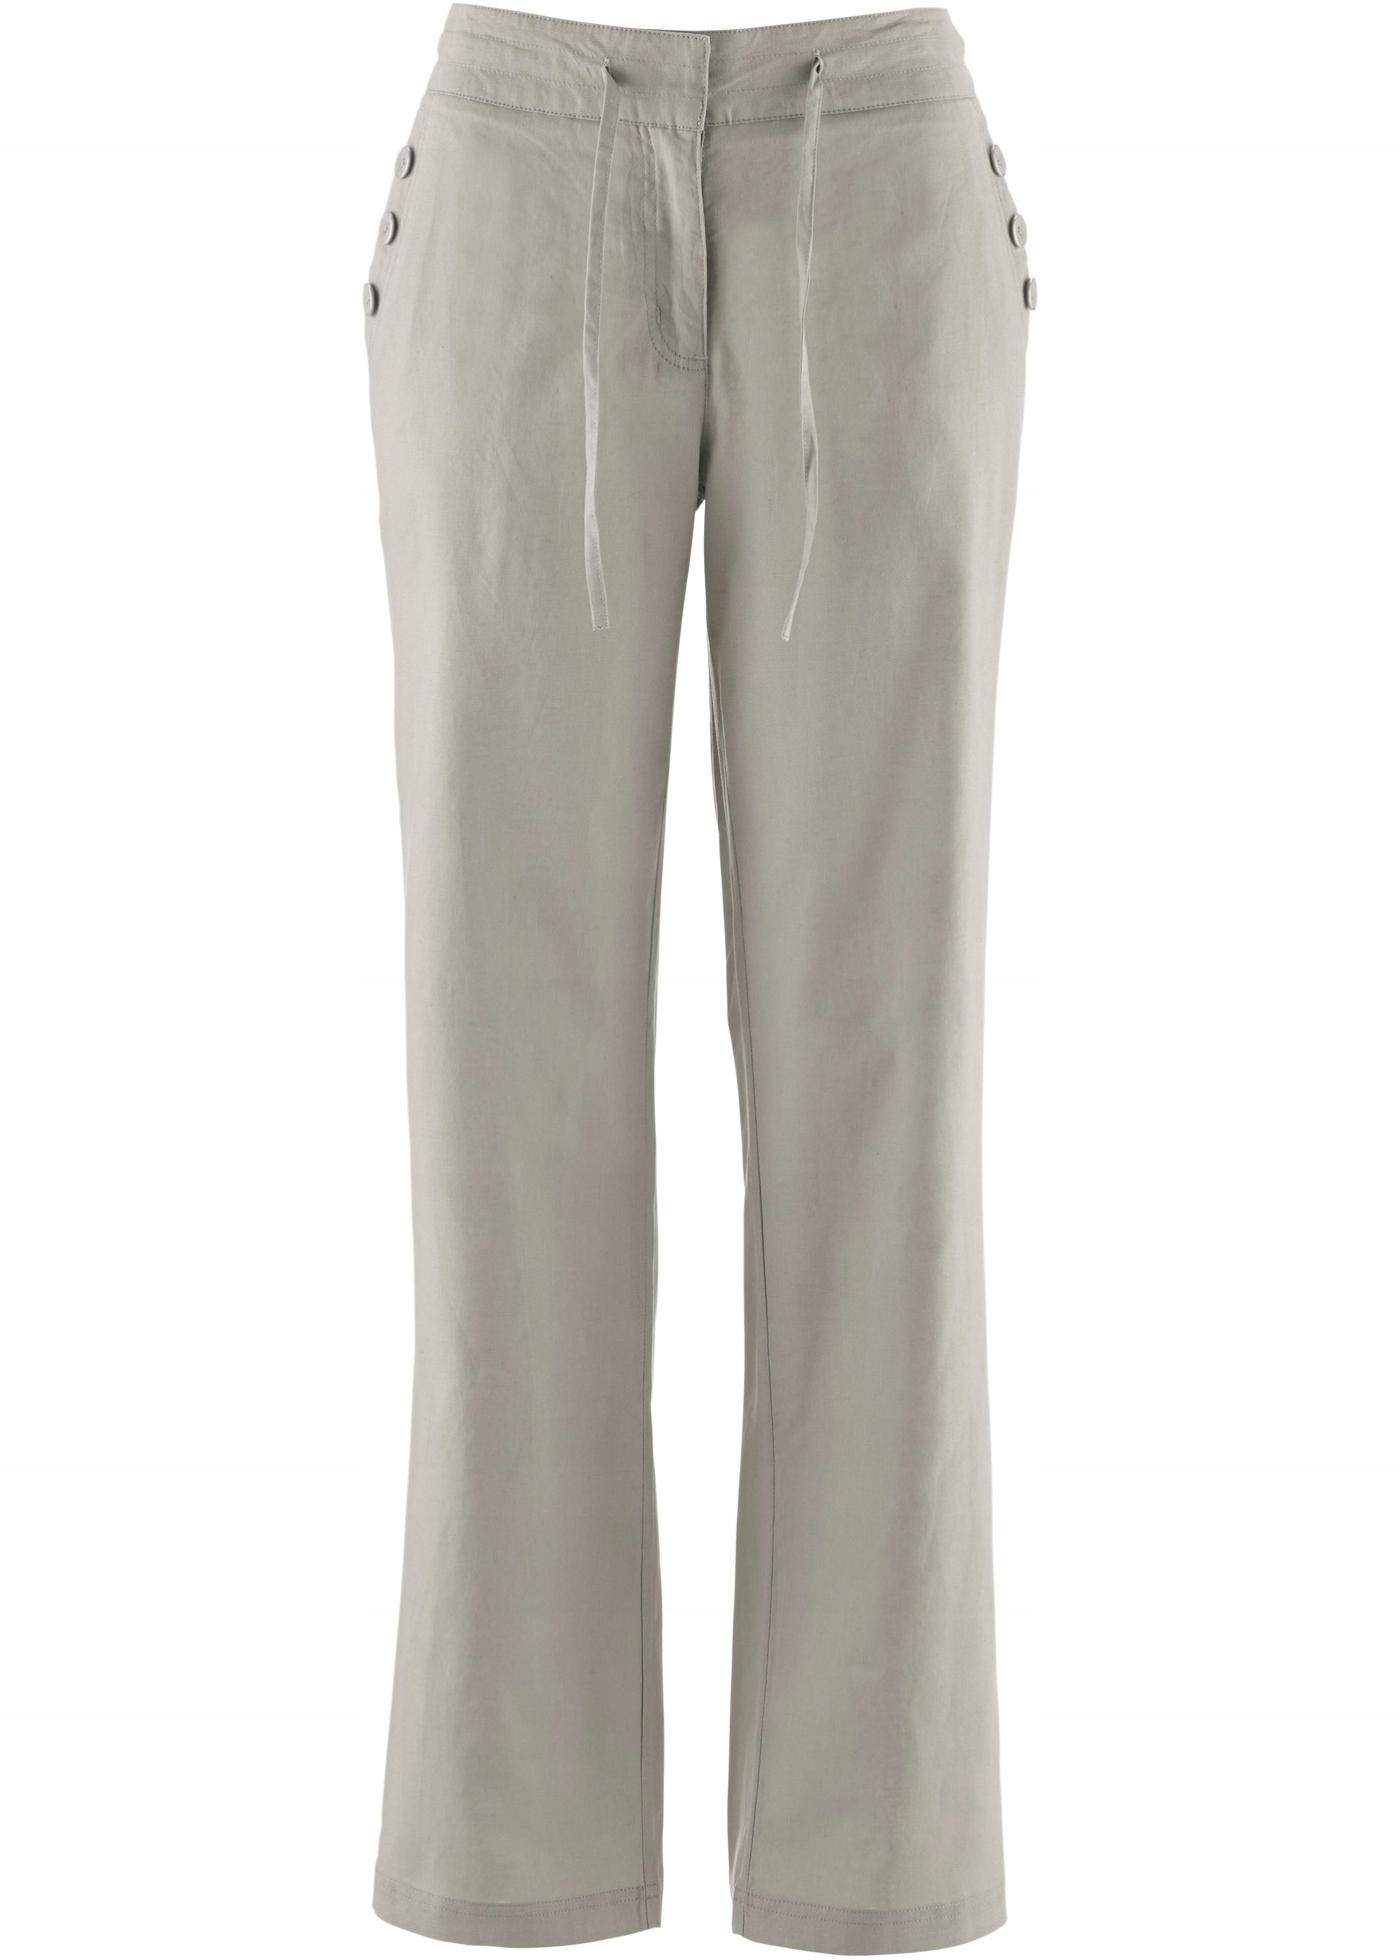 BONPRIX Spodnie Lniane rozm. 56 BPC 7652635554 oficjalne